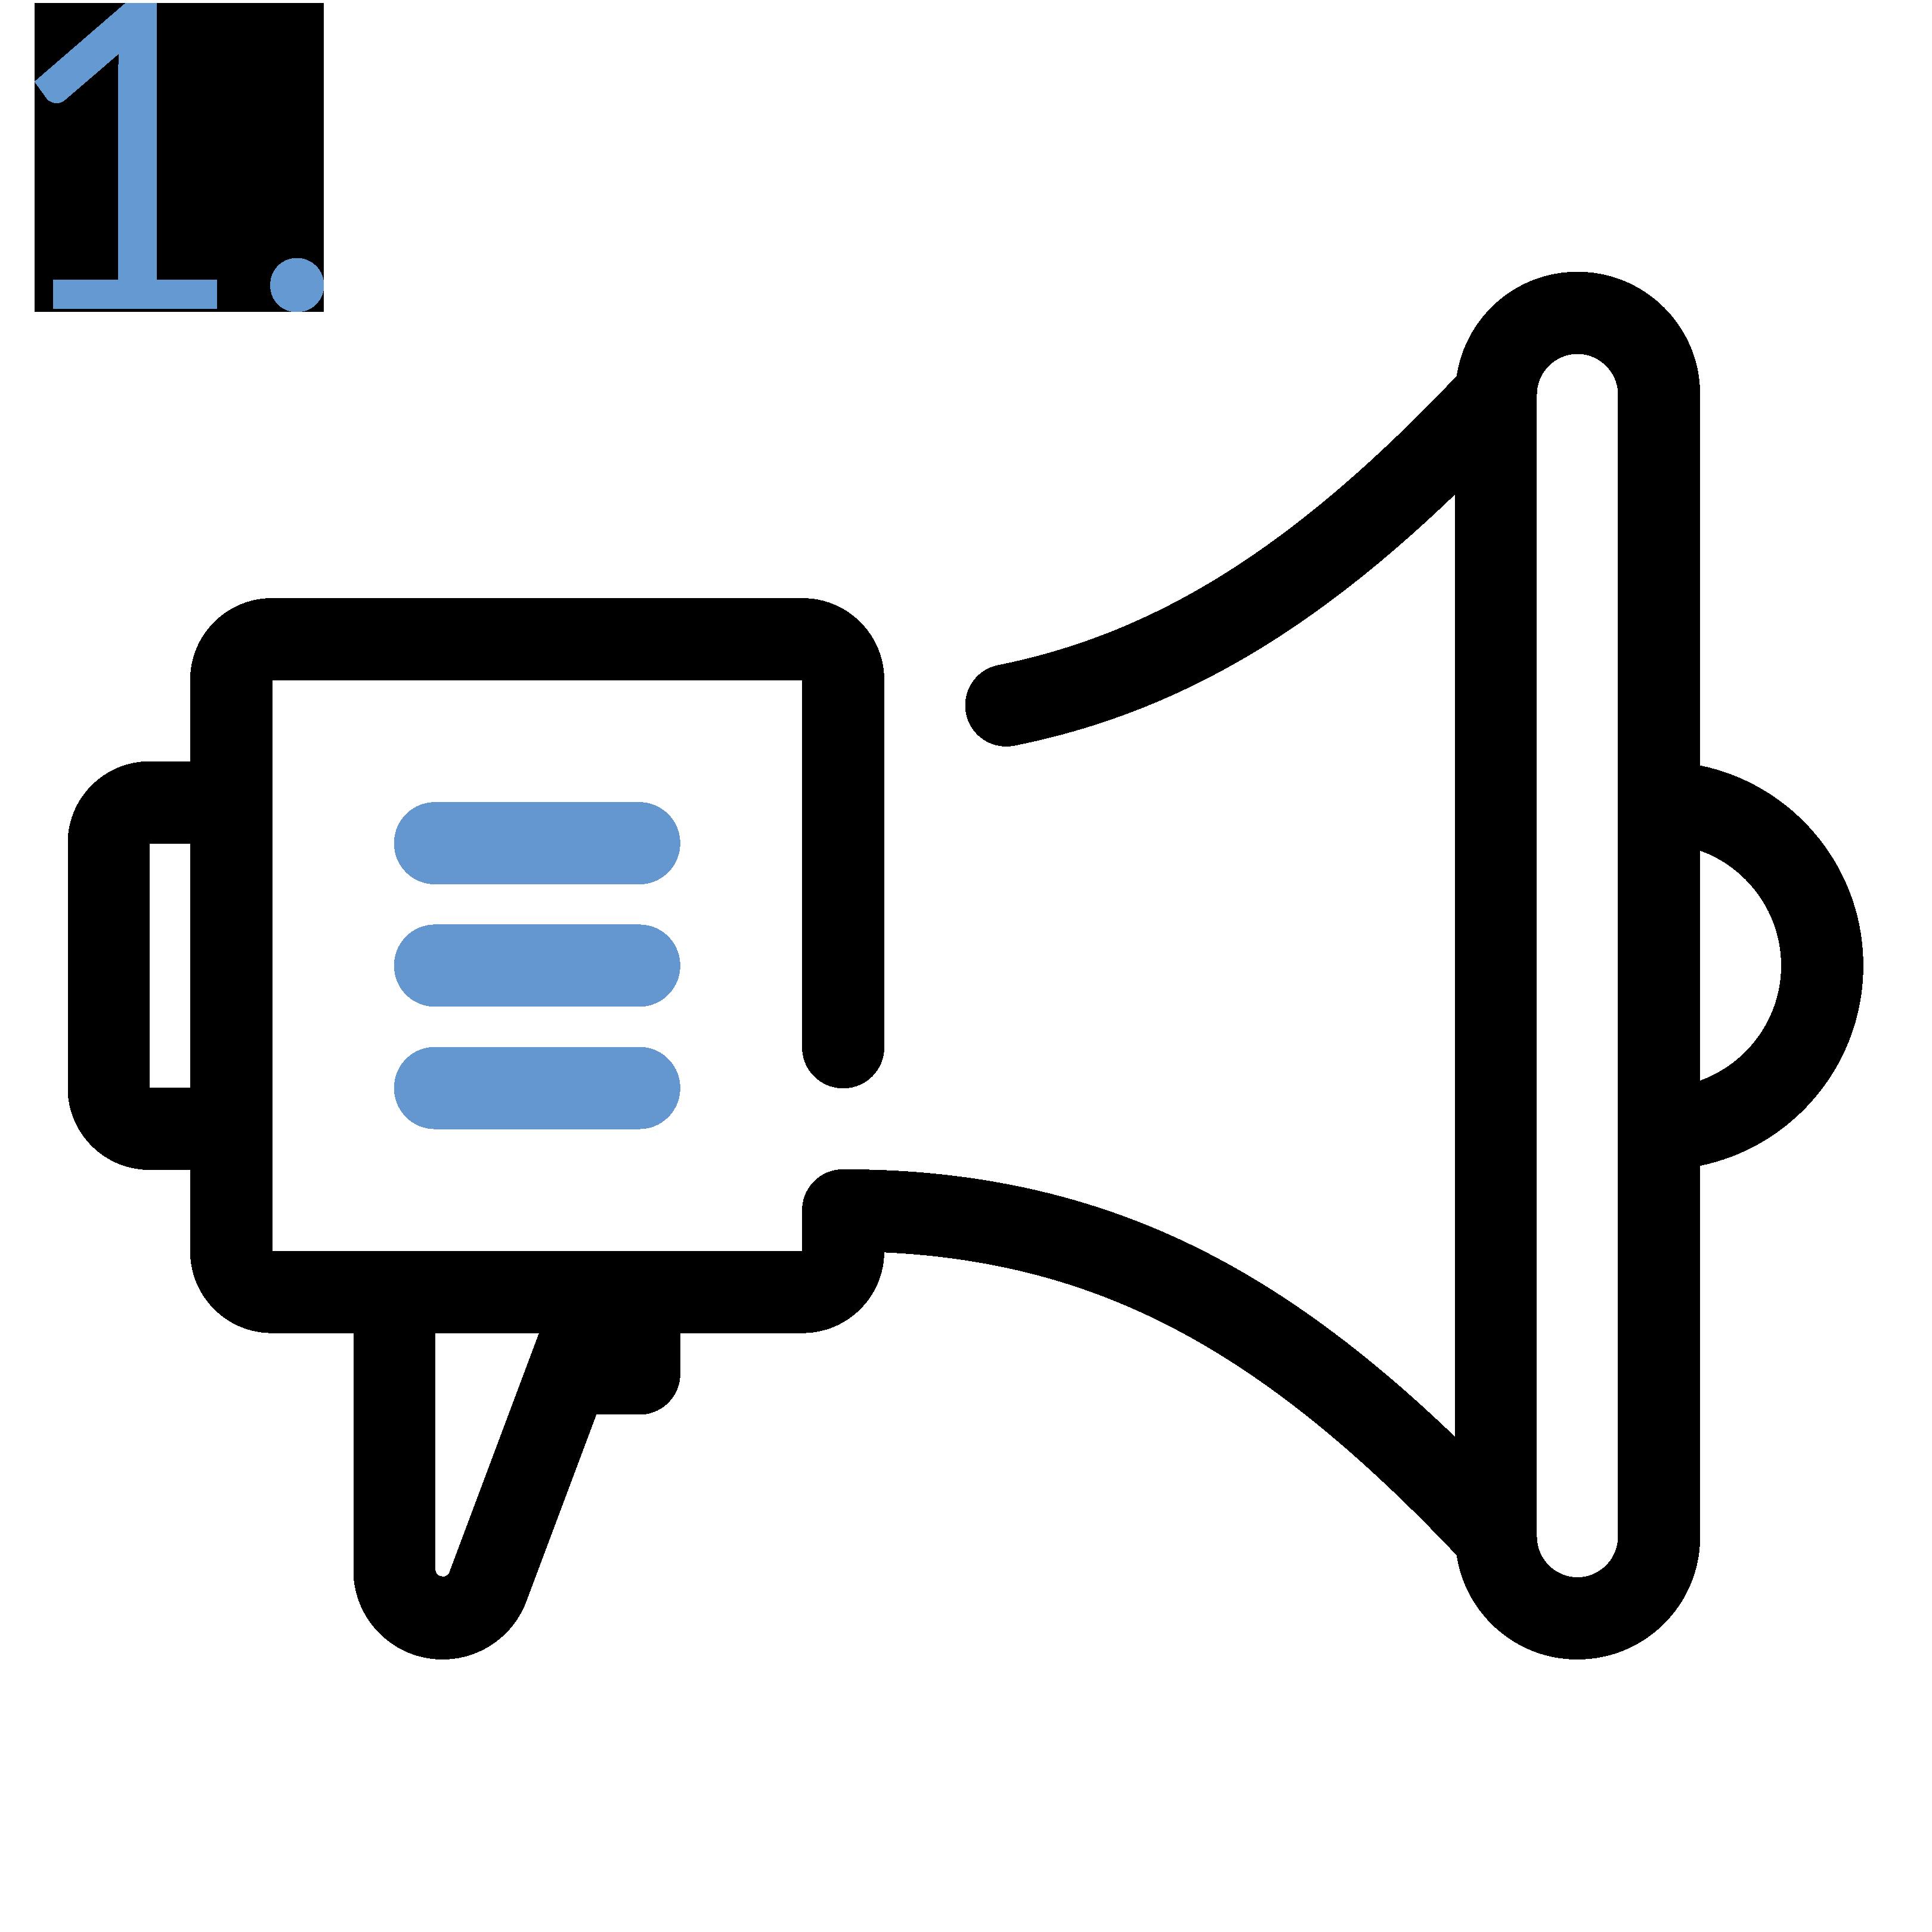 Asset 7-2